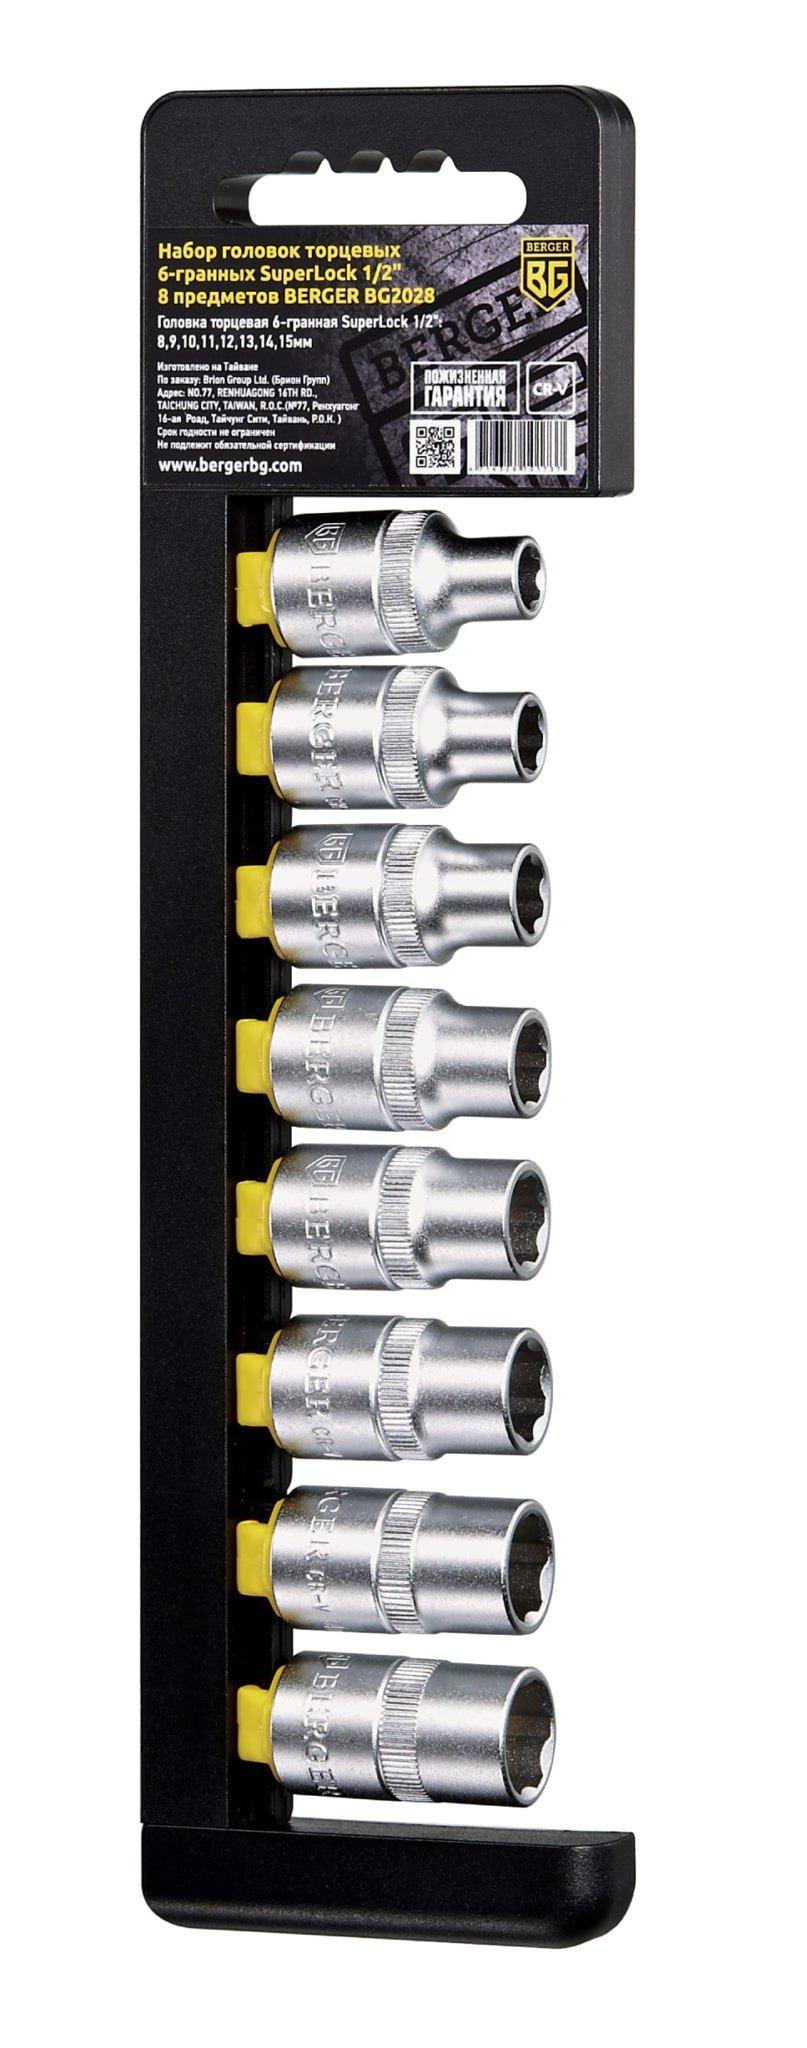 Набор головок Berger Bg2028 набор автомобильных неизолированных клемм 551шт jtc 2028